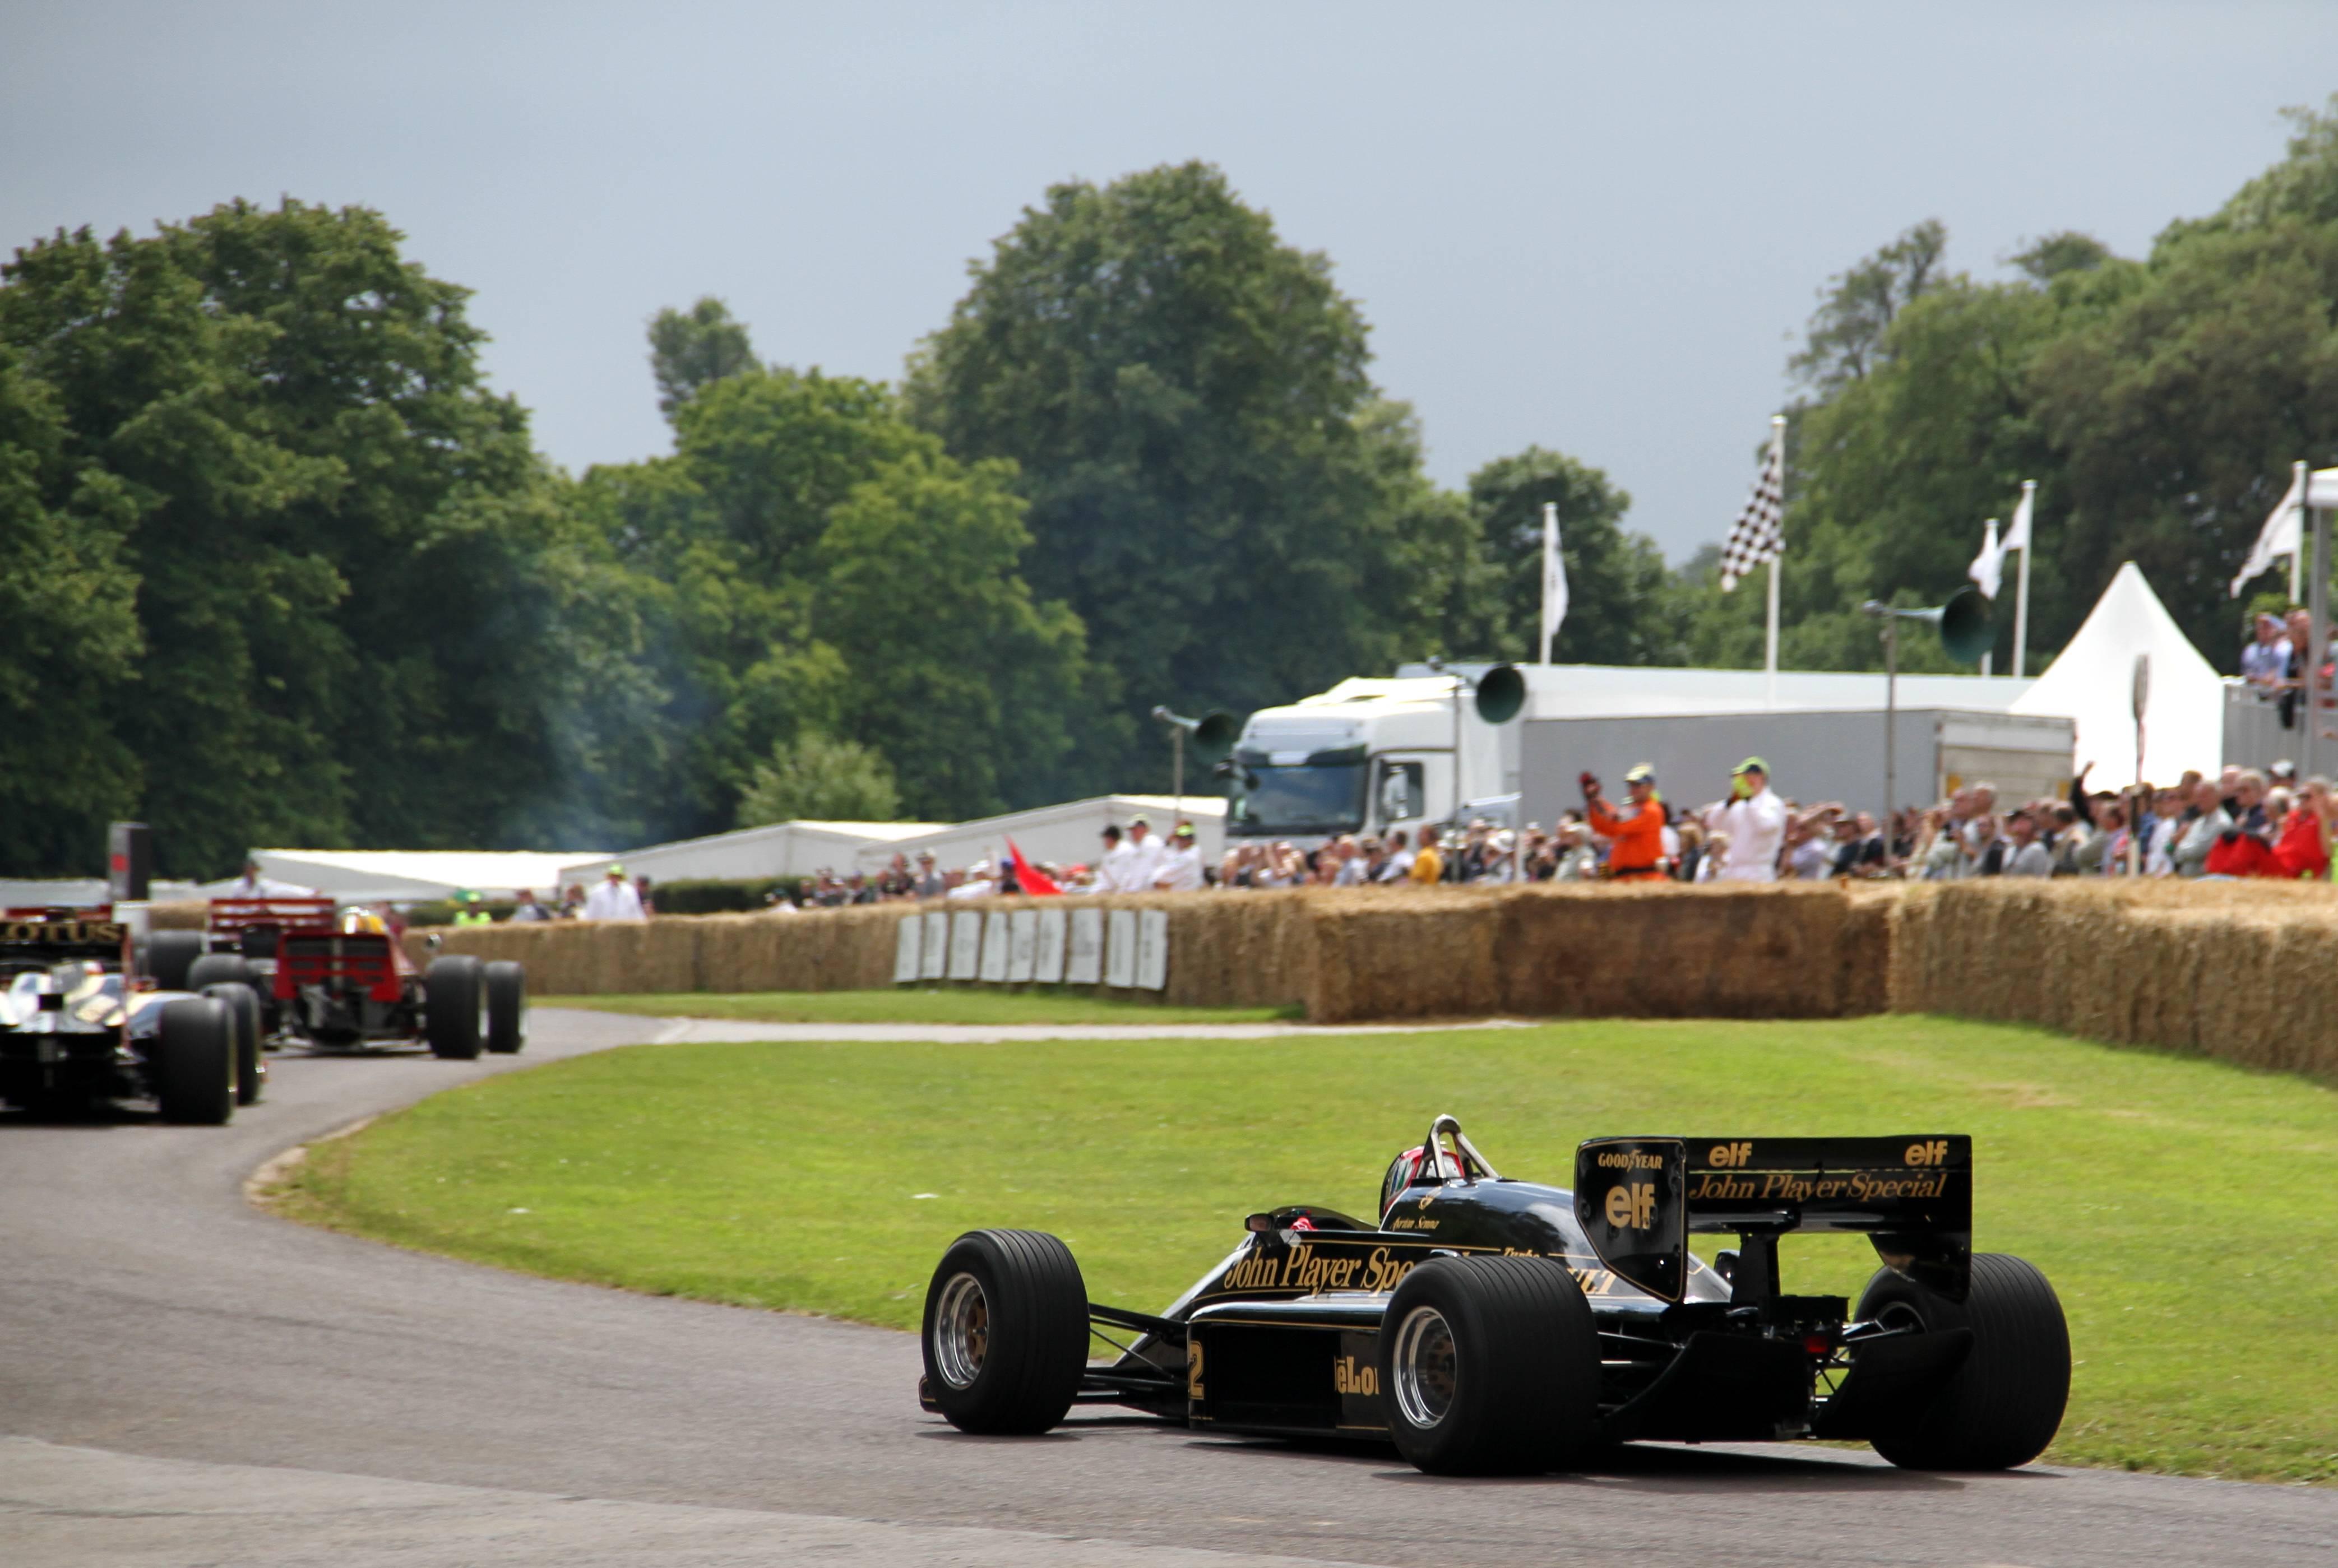 Lotus F1 3